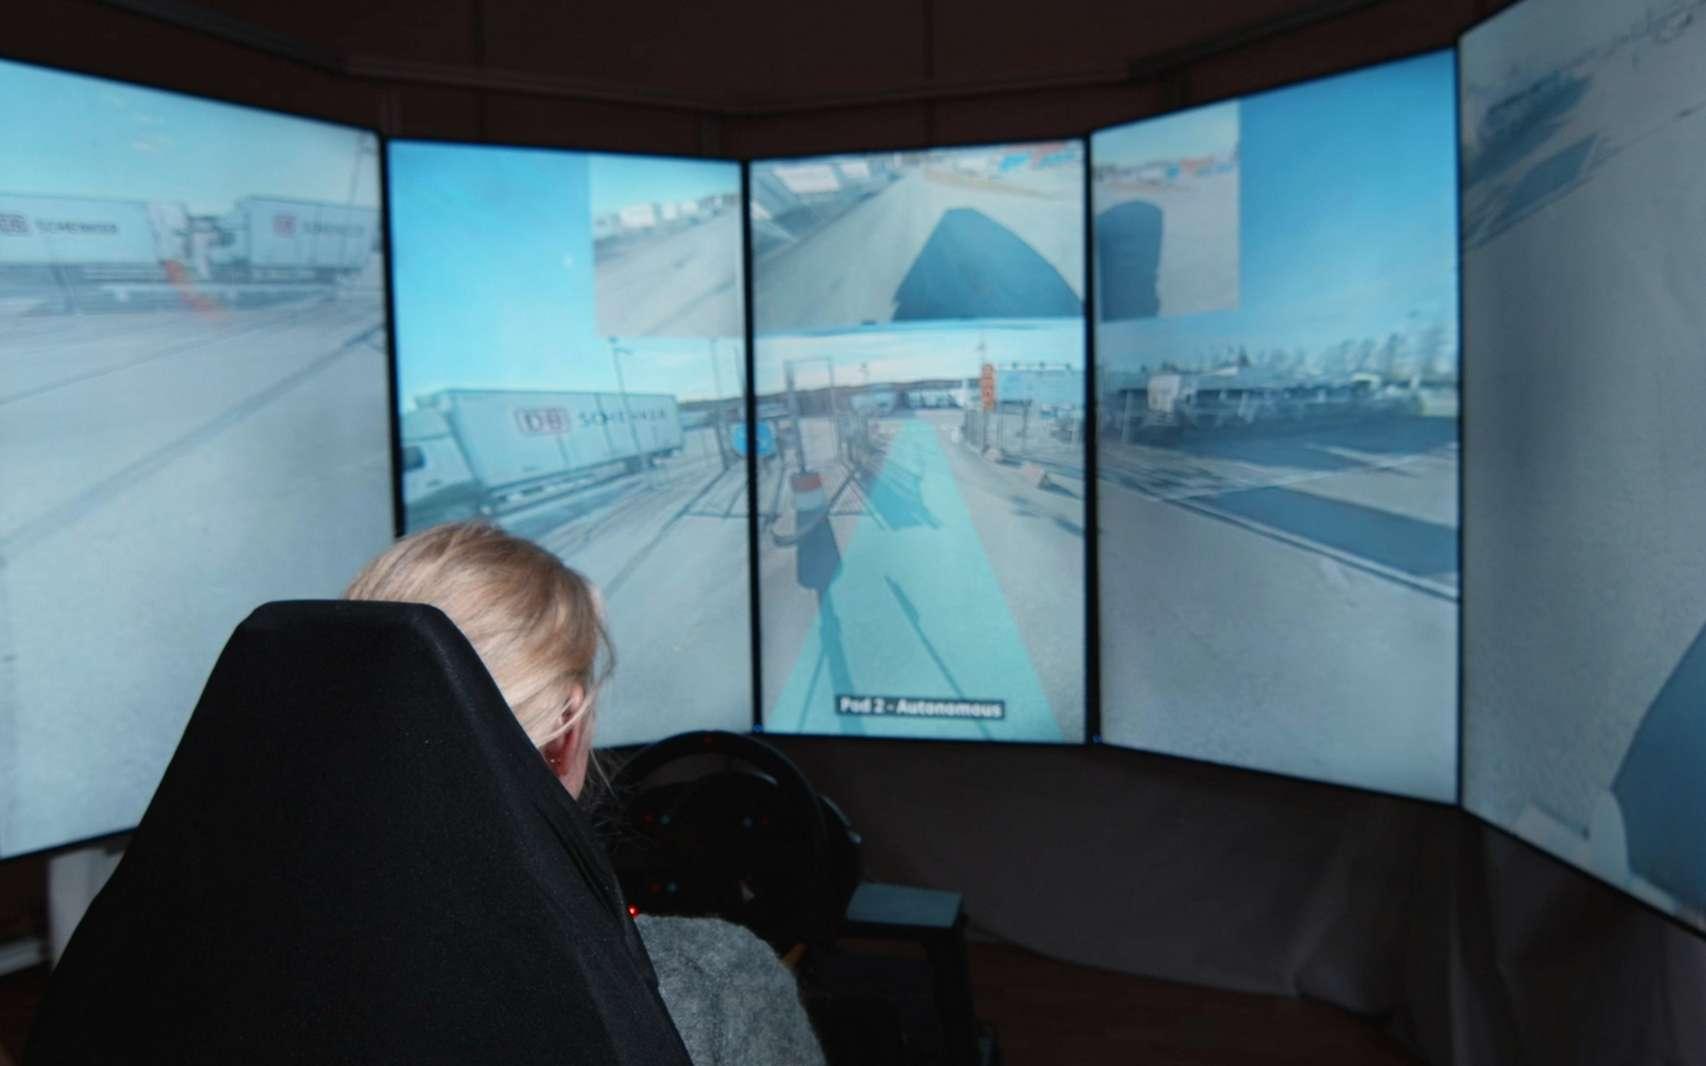 Deux camions autonomes Einride Pod sont supervisés à distance par une opératrice. © Einride